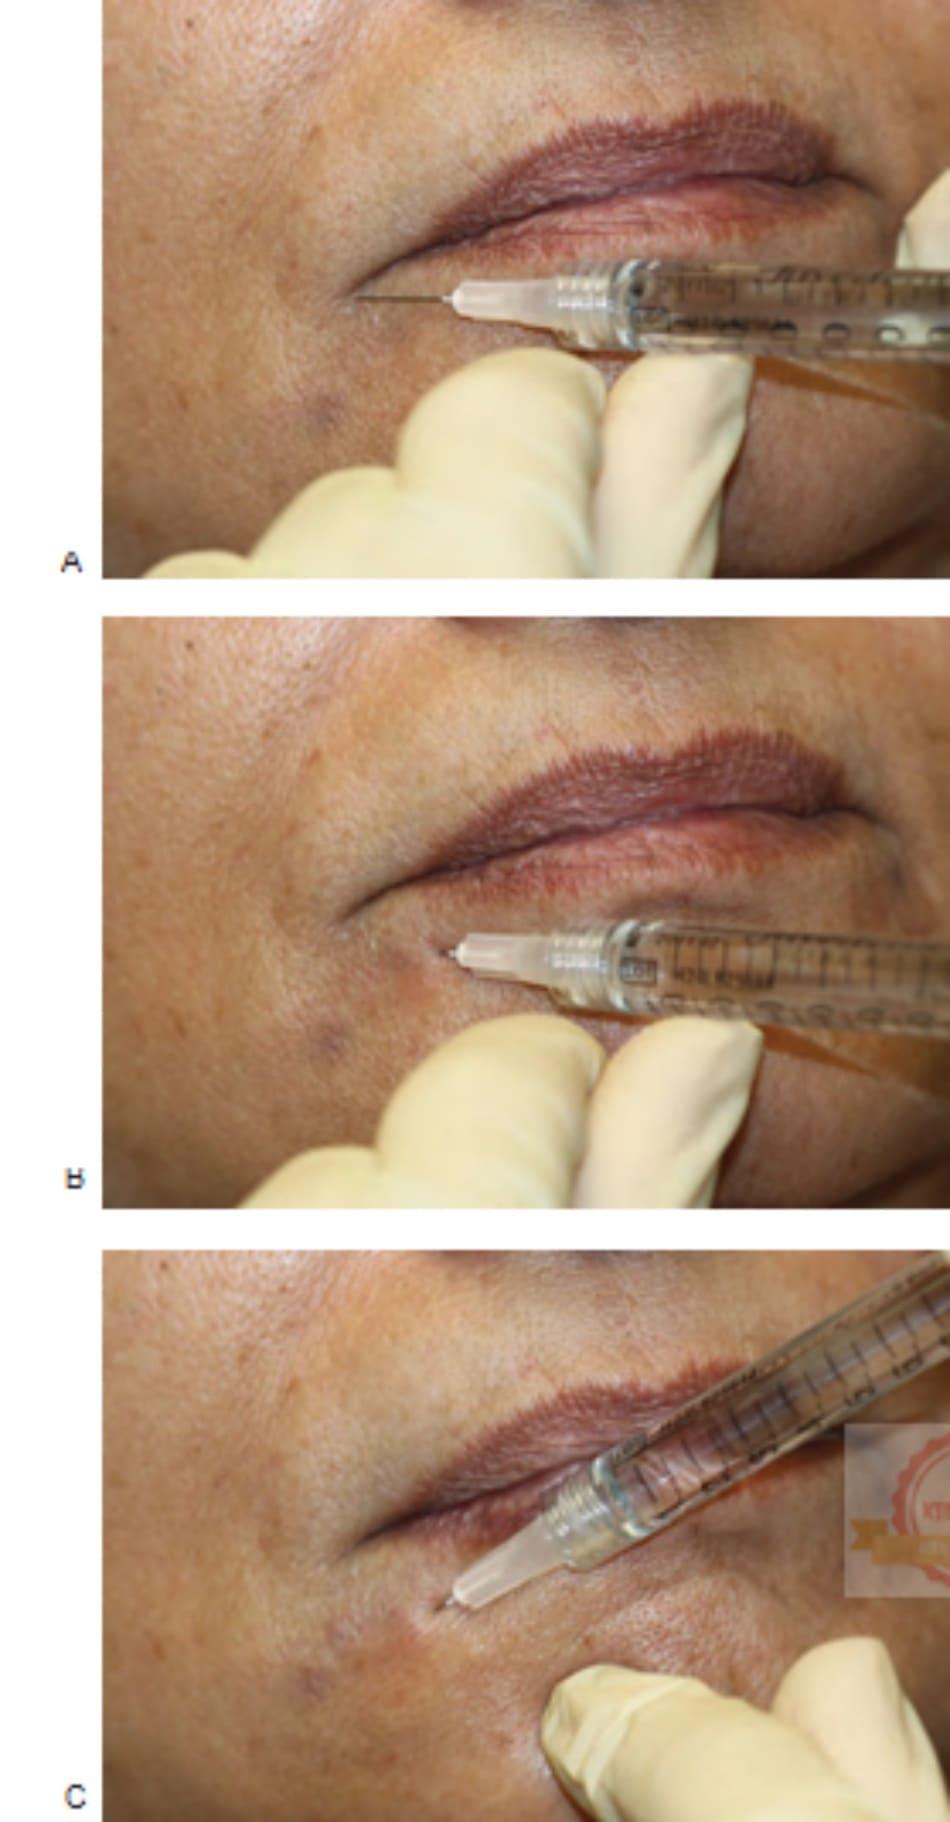 FIGURE 6 ● Phương pháp tiêm hình Quạt bên để điều trị chất độn da ở nếp nhăn cằm: xác định điểm tiêm (A) và kỹ thuật tiêm (B, C).